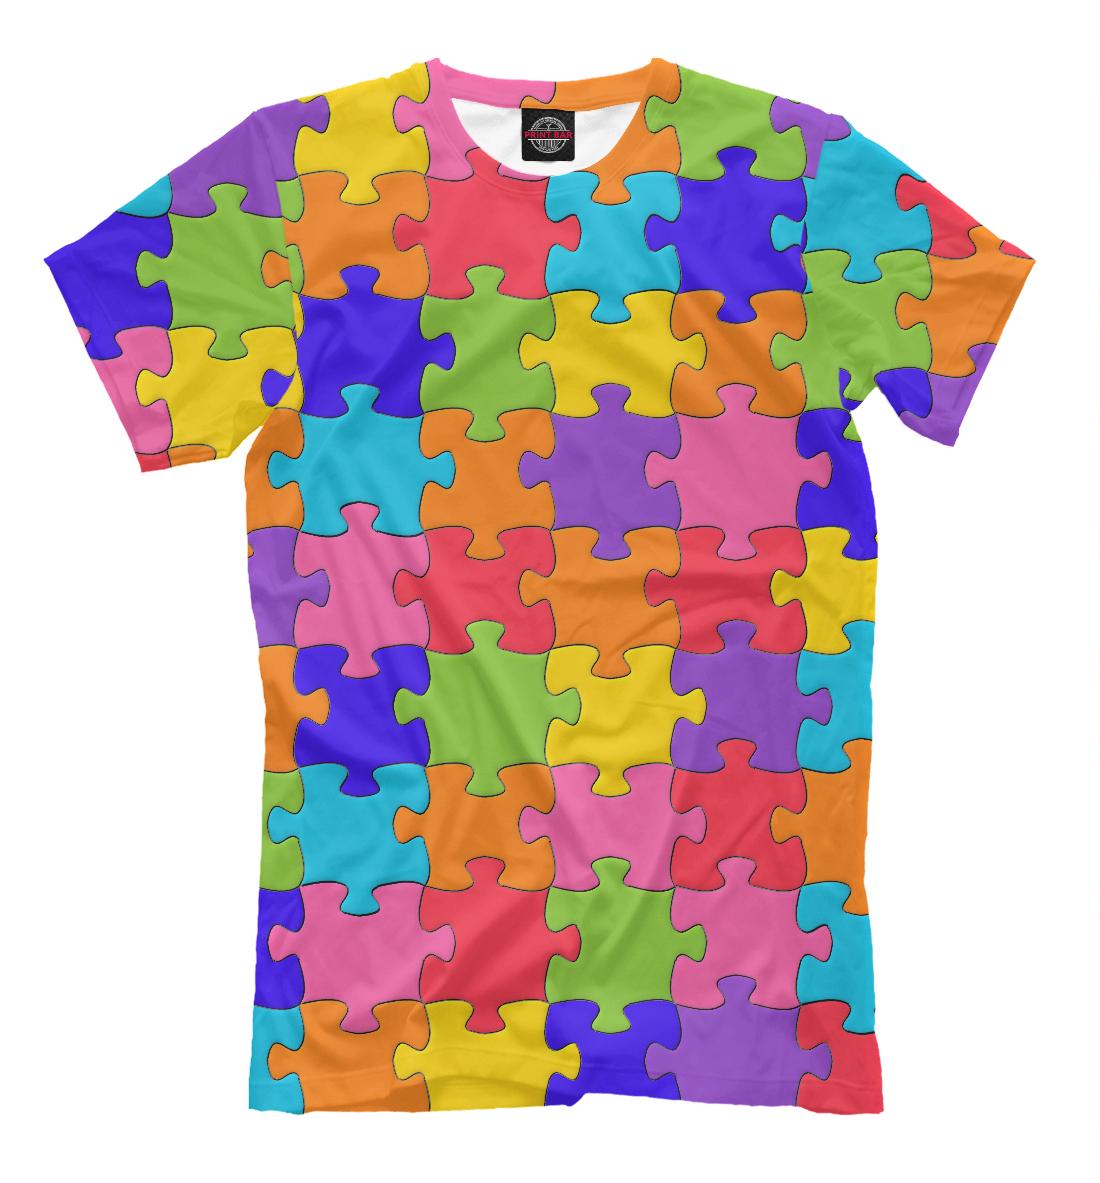 Купить Разноцветный Пазл, Printbar, Футболки, APD-575678-fut-2